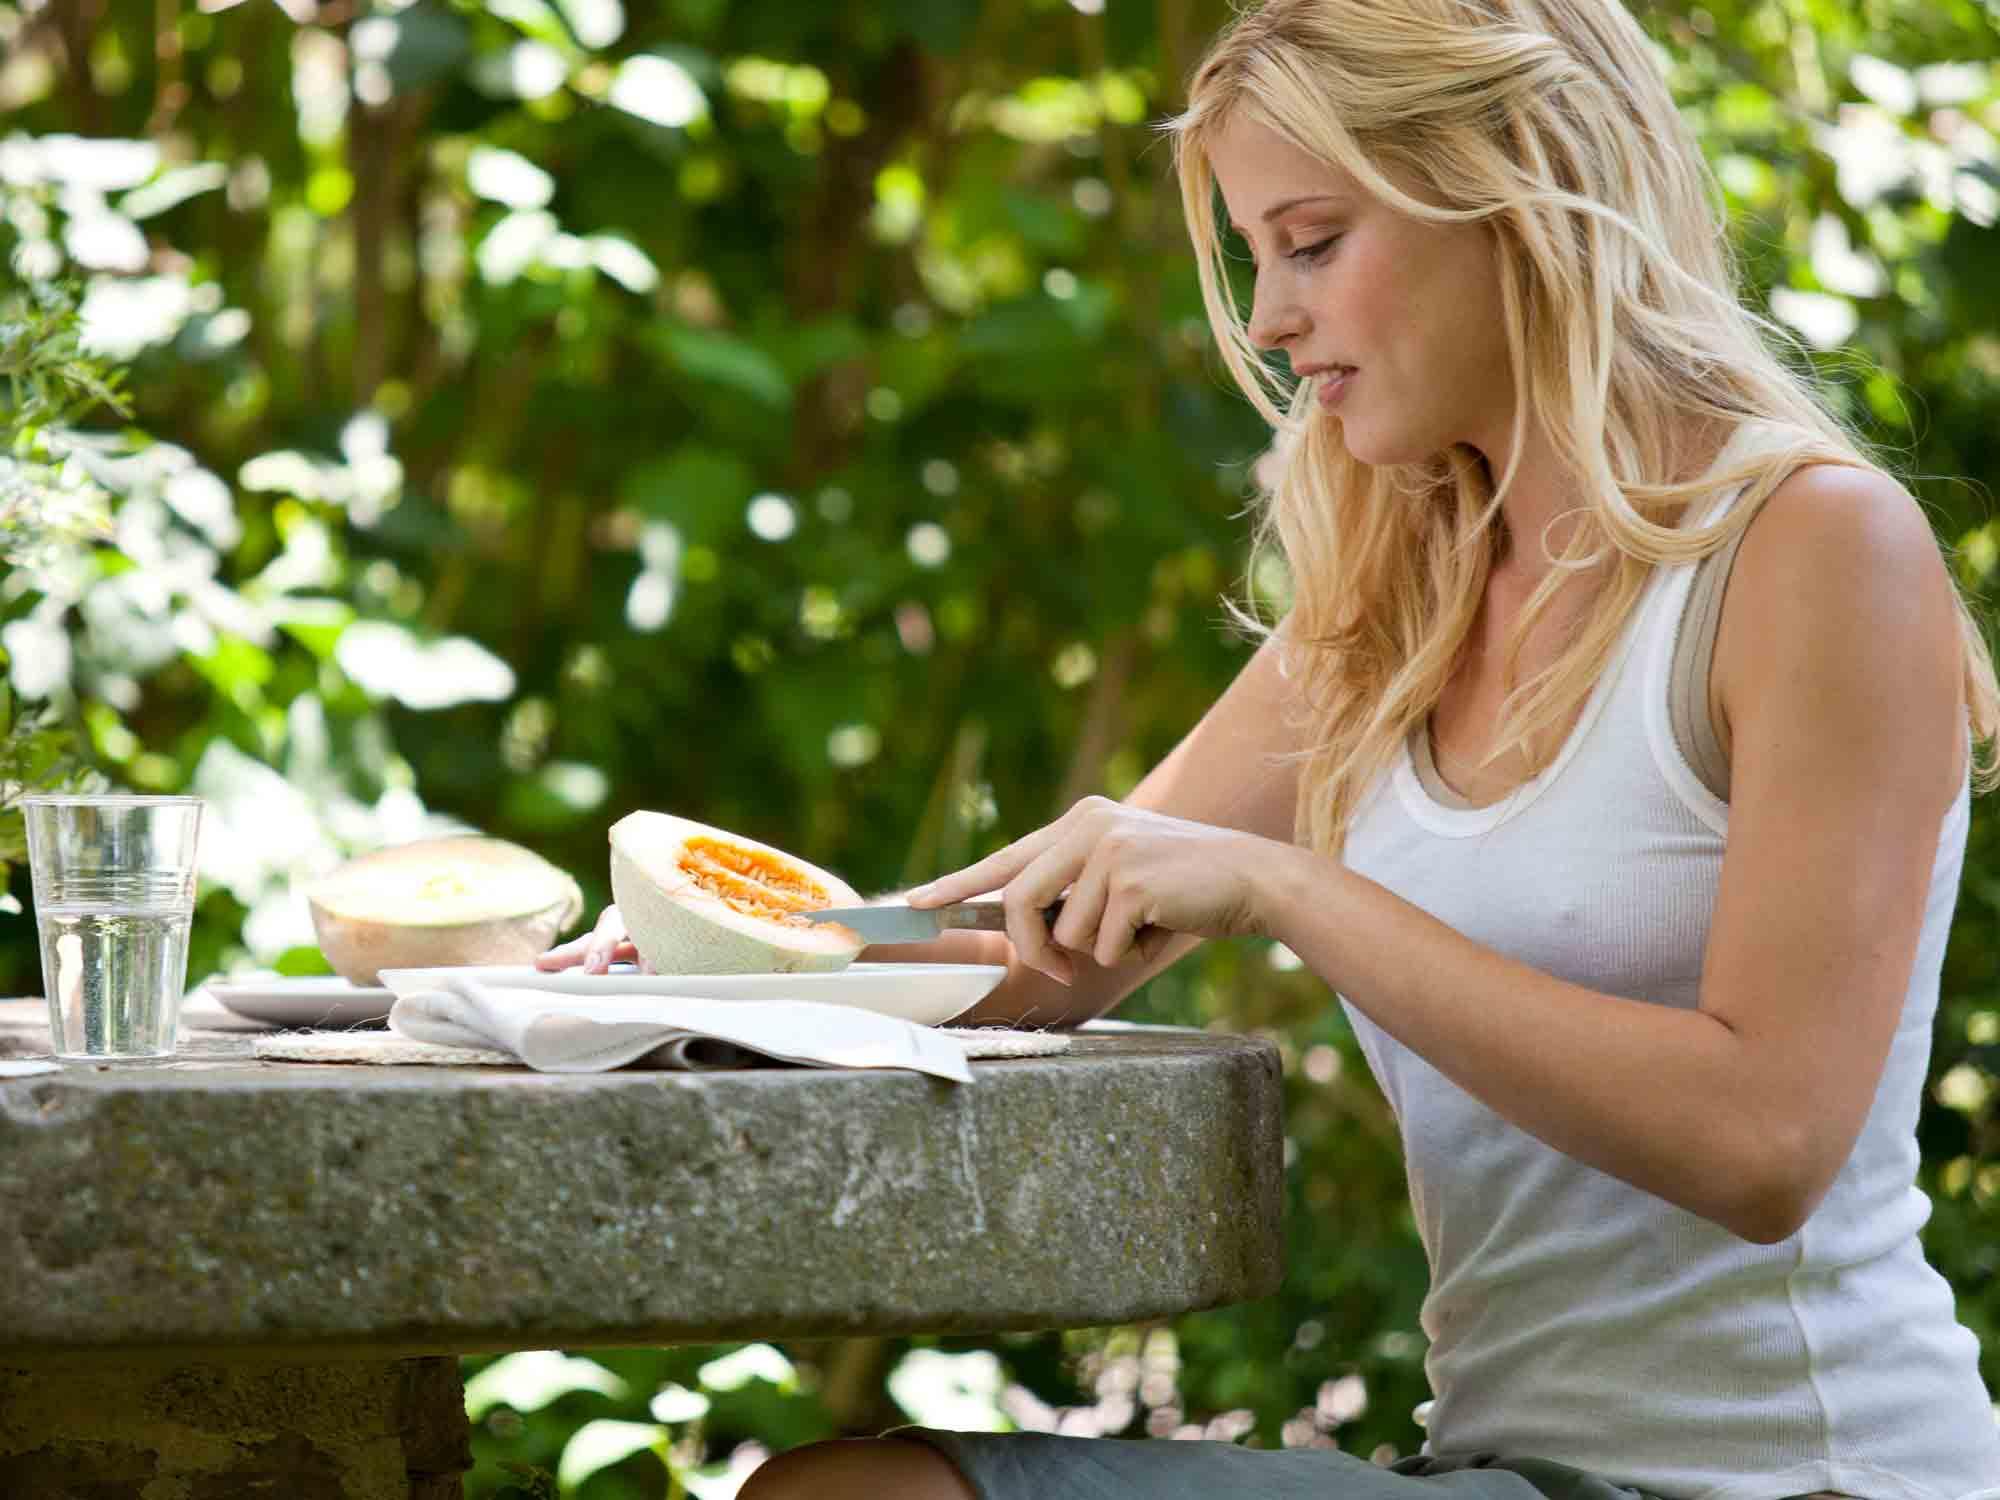 Cómo y cuándo comer fruta - Blog Salud Natural. Evitar los elementos de distracción en la mesa